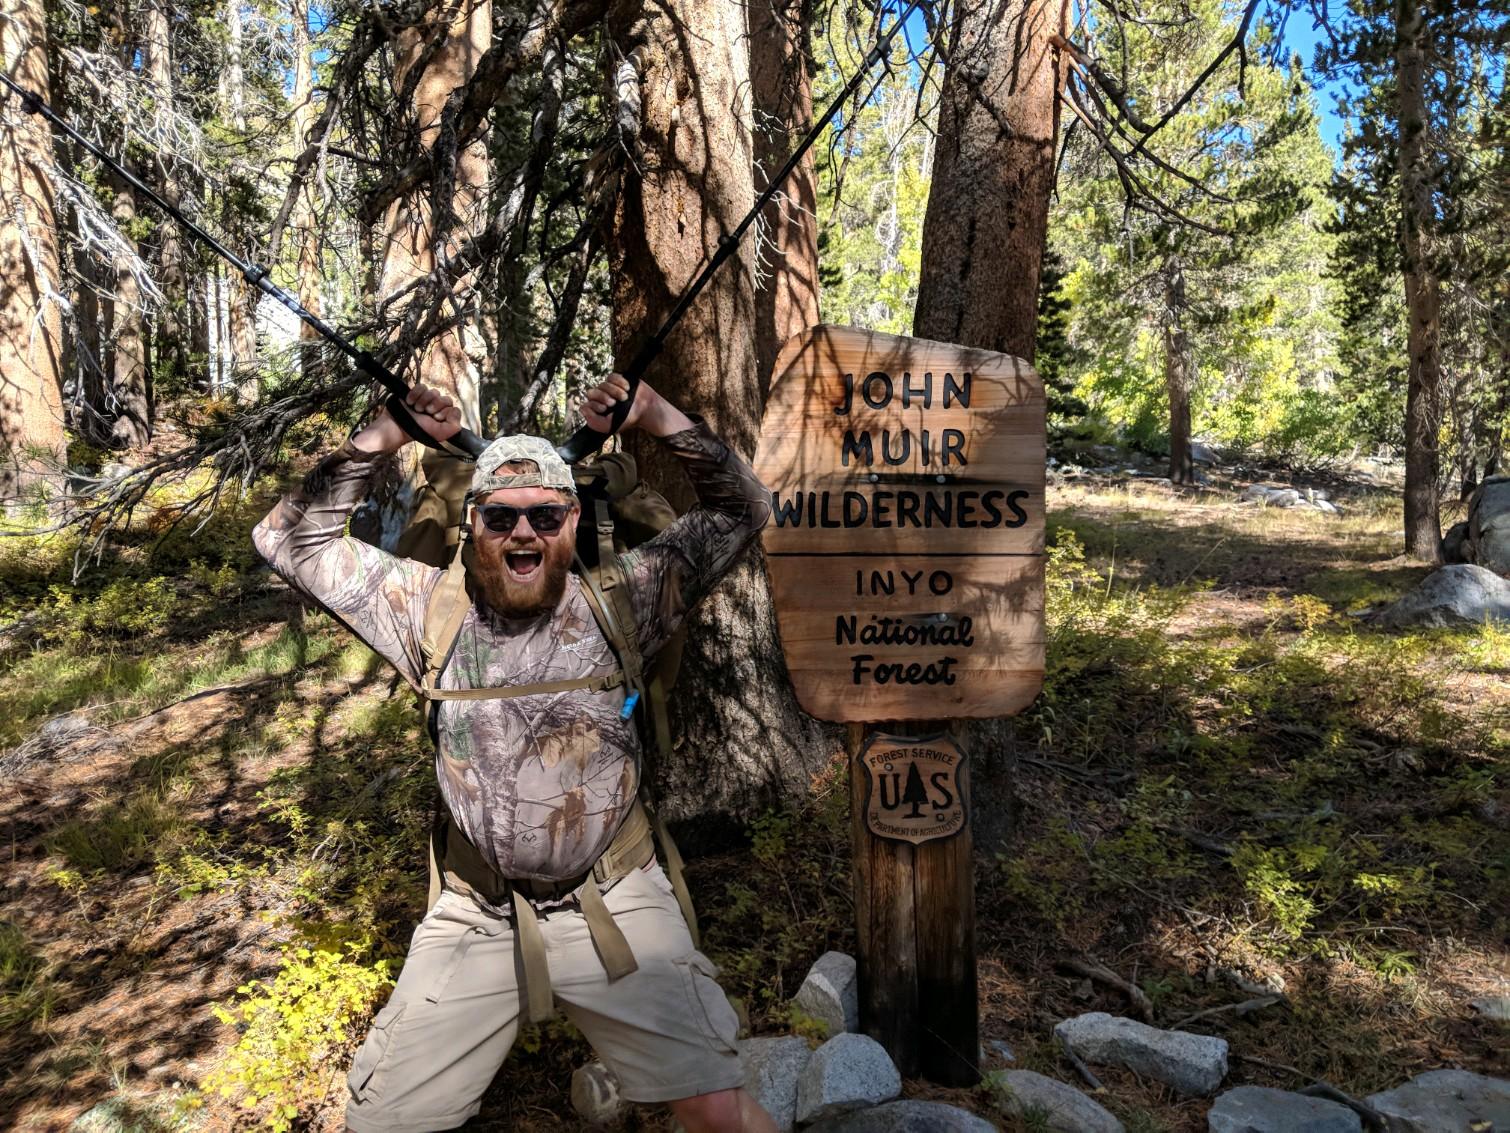 John Muir Wilderness